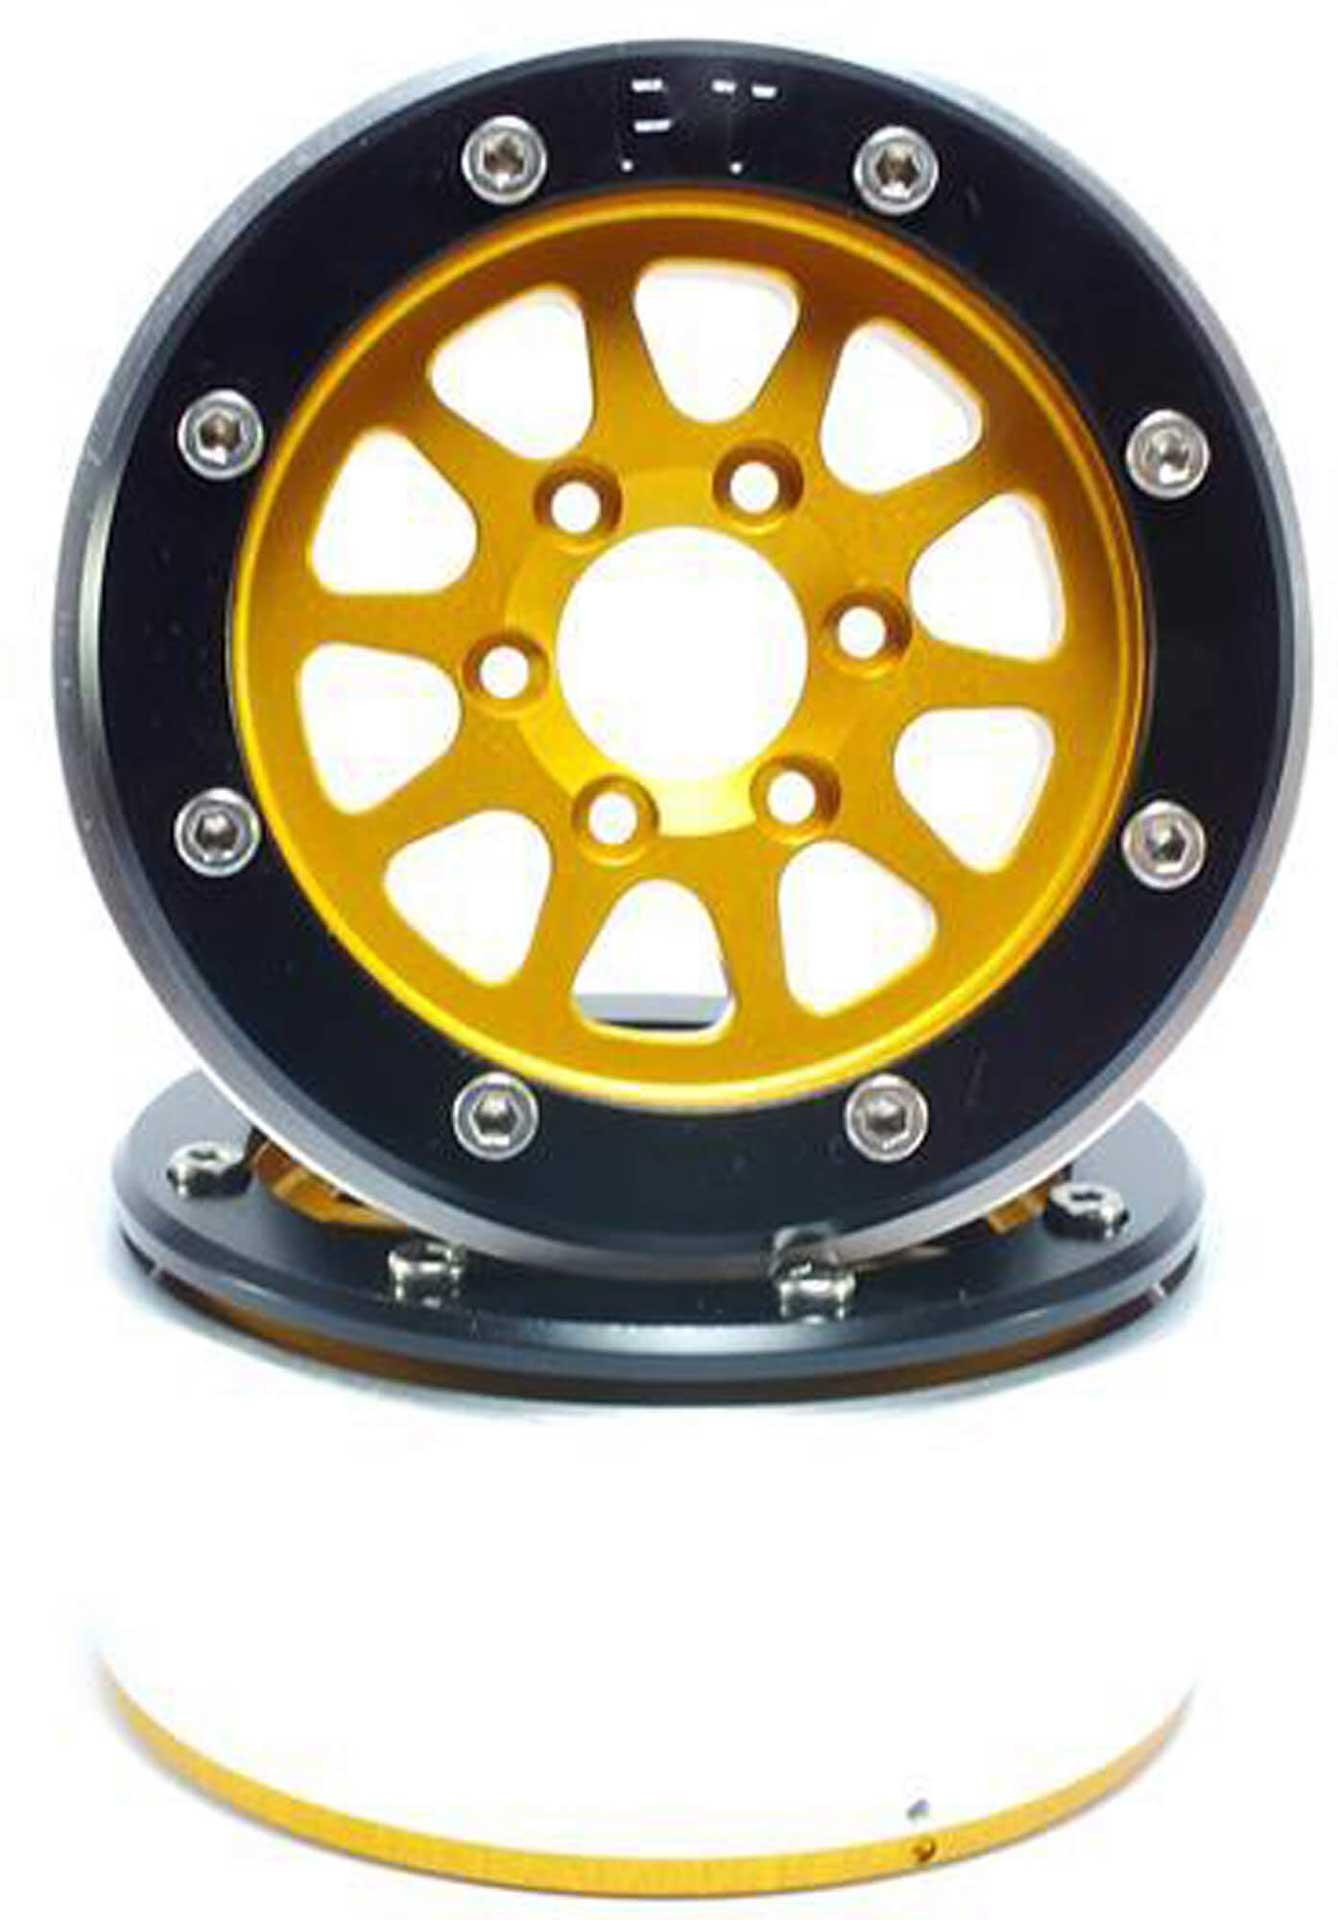 Metsafil Beadlock Wheels GEAR gold/schwarz 1.9 (2 St.) ohne Radnabe